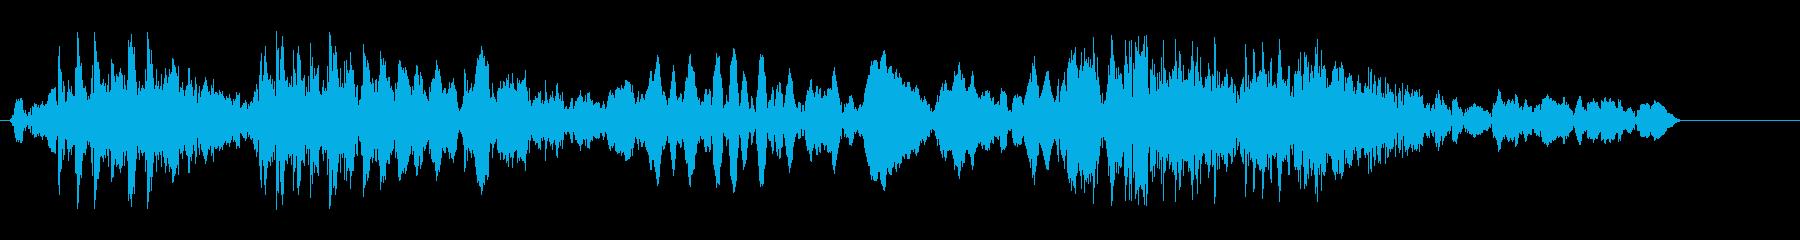 ピコングワン(ロボット)の再生済みの波形